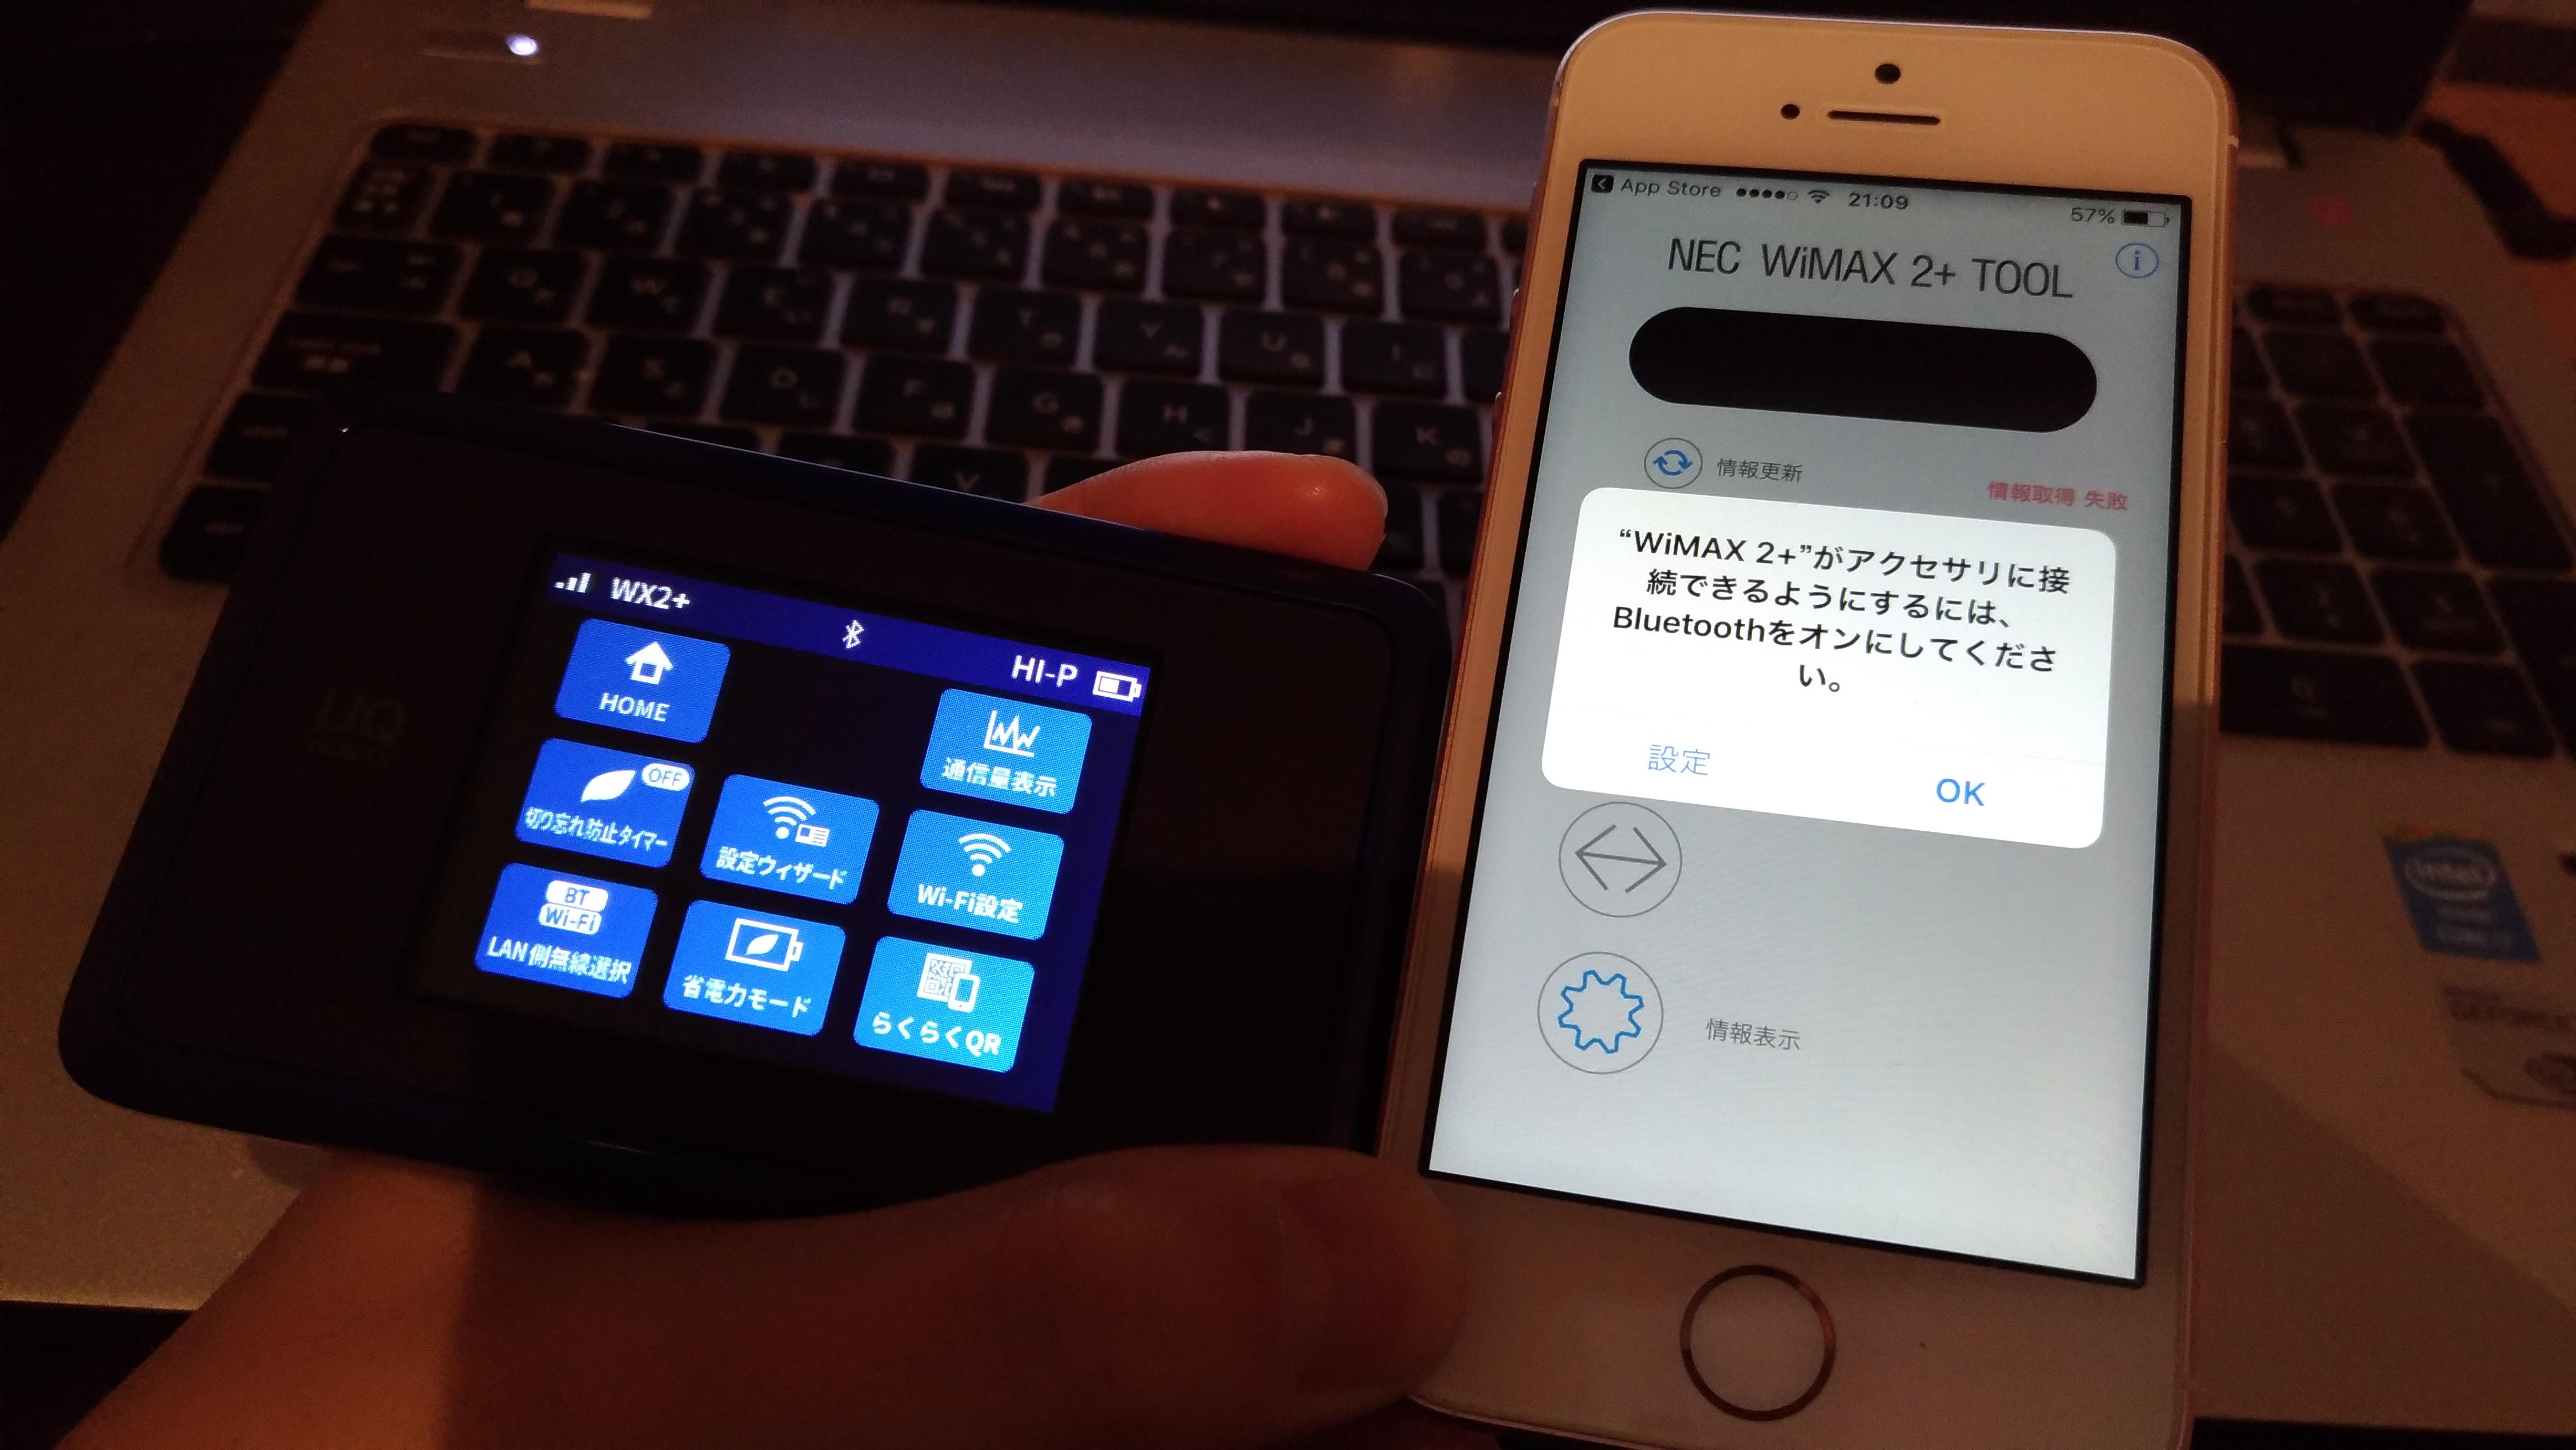 「NEC WiMAX 2+ Tool」アプリで状態確認ができるよ